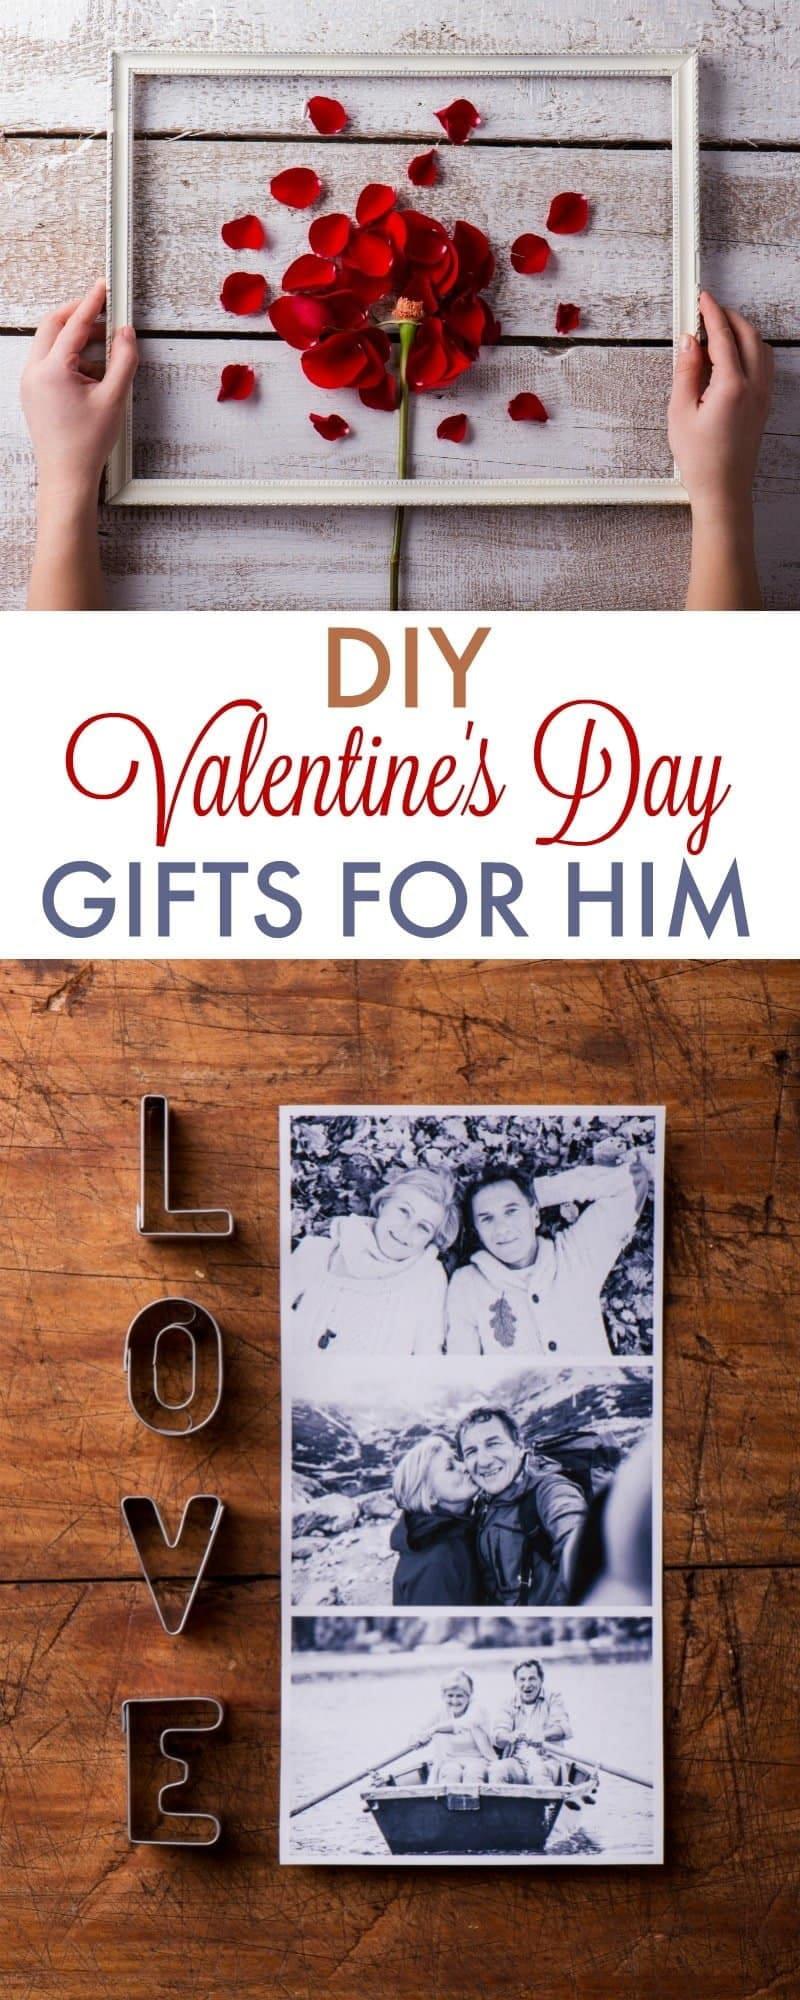 Cute Sentimental Gift Ideas For Boyfriend  DIY Valentine s Day Gifts for Boyfriend 730 Sage Street